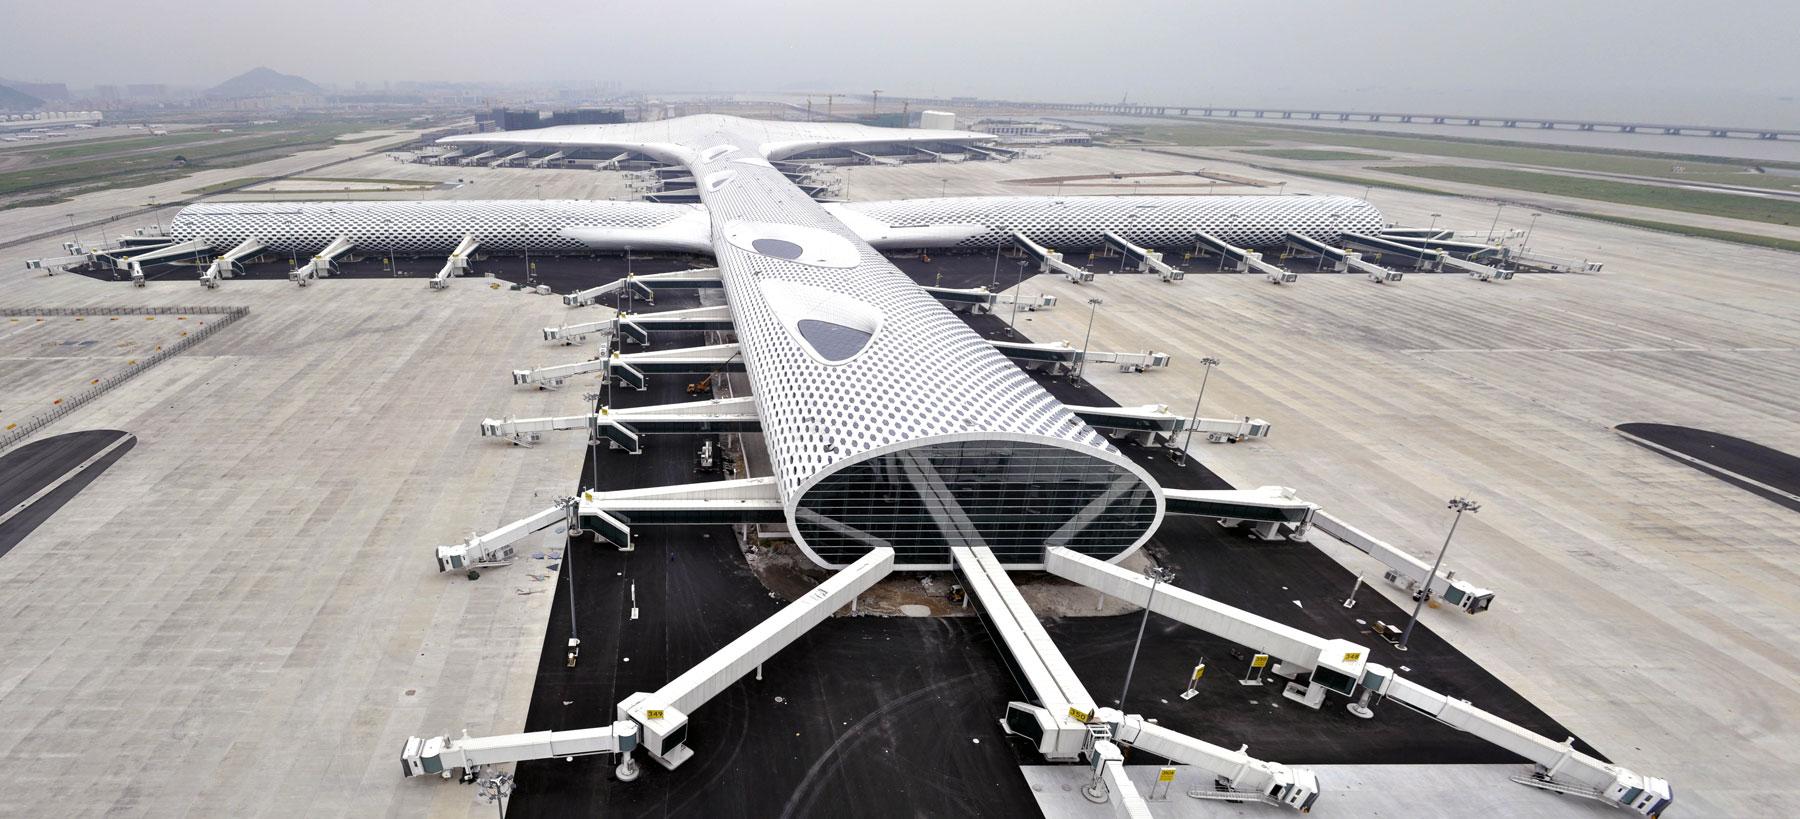 Letiště v čínské metropoli od studia Fuksas